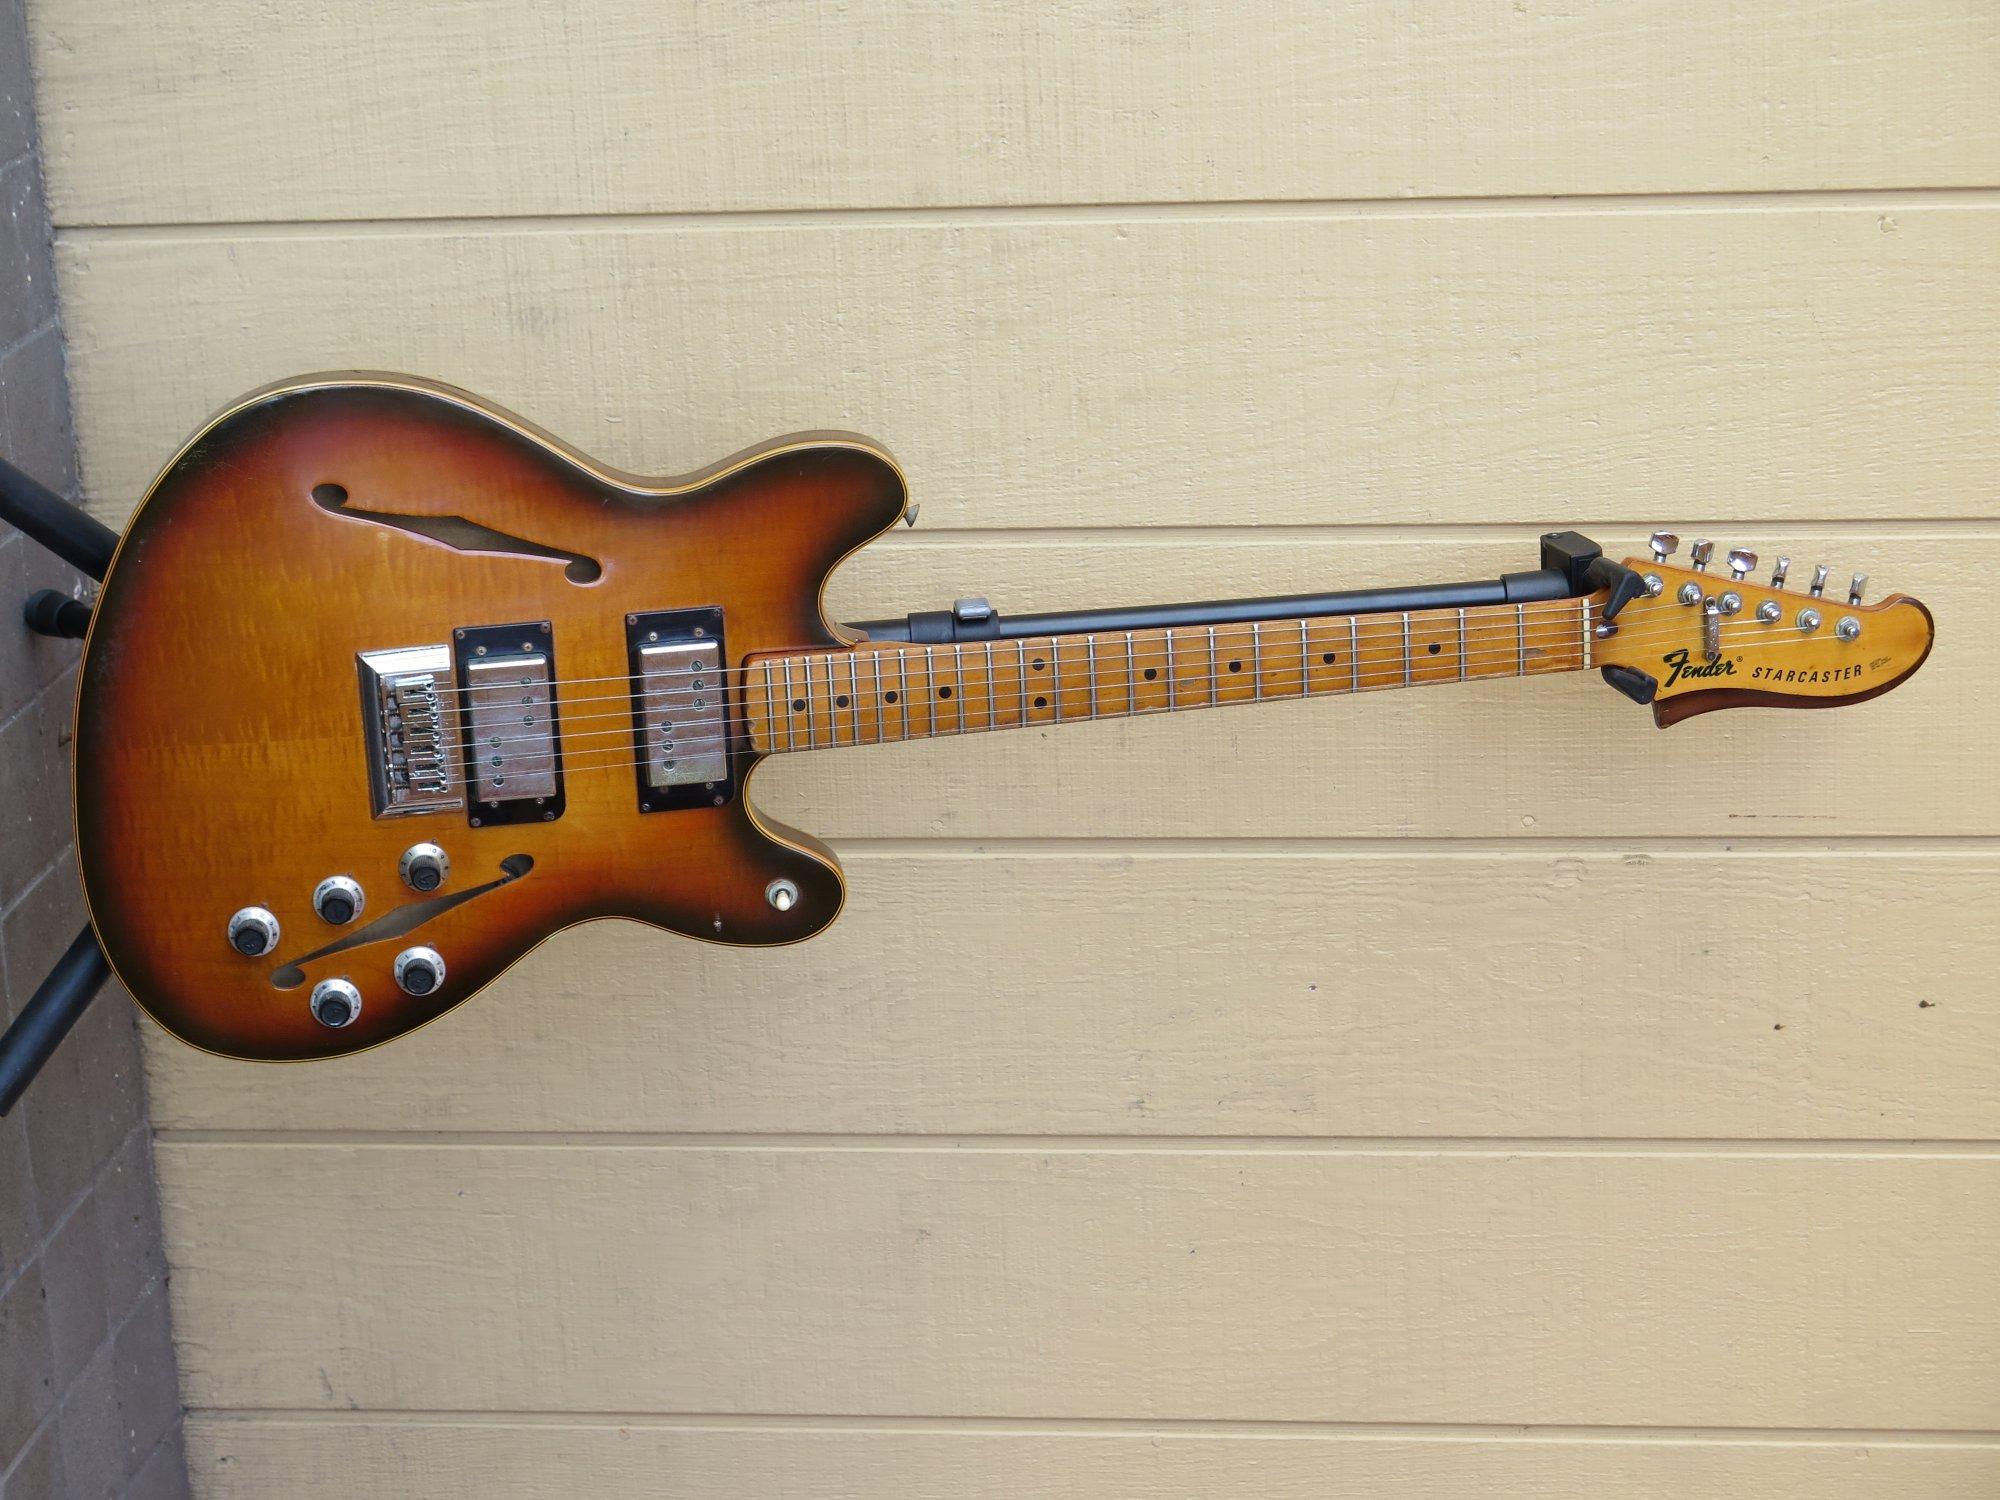 1974 Fender Starcaster